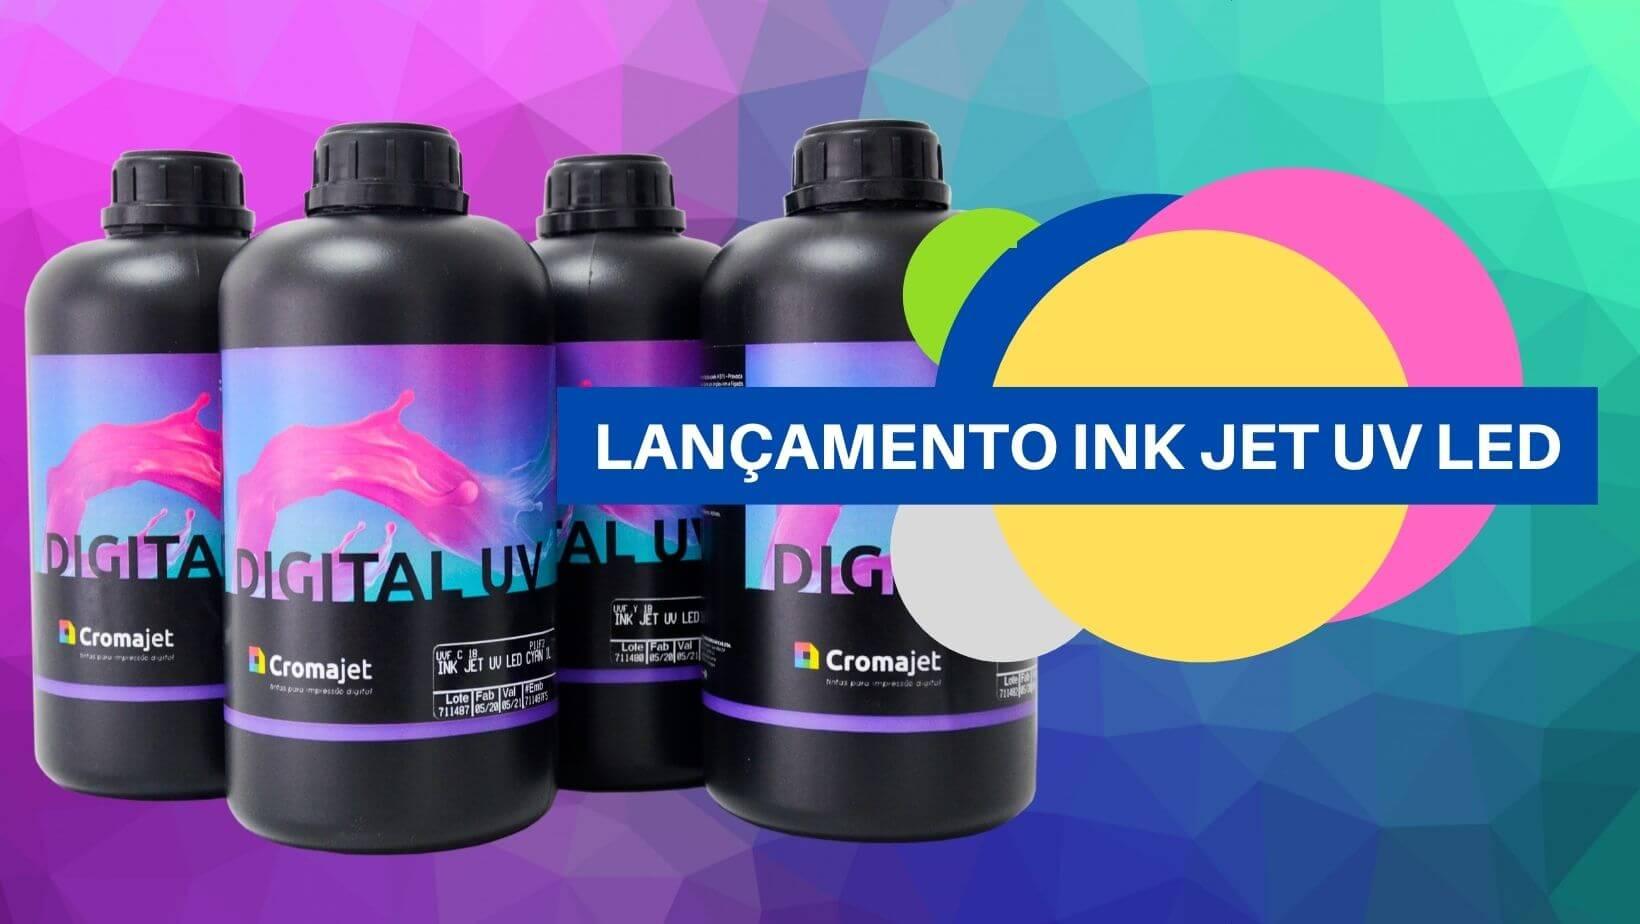 LANCAMENTO INK JET UV LED 1 - LANÇAMENTO INK JET UV LED - Lançamento Fremplast